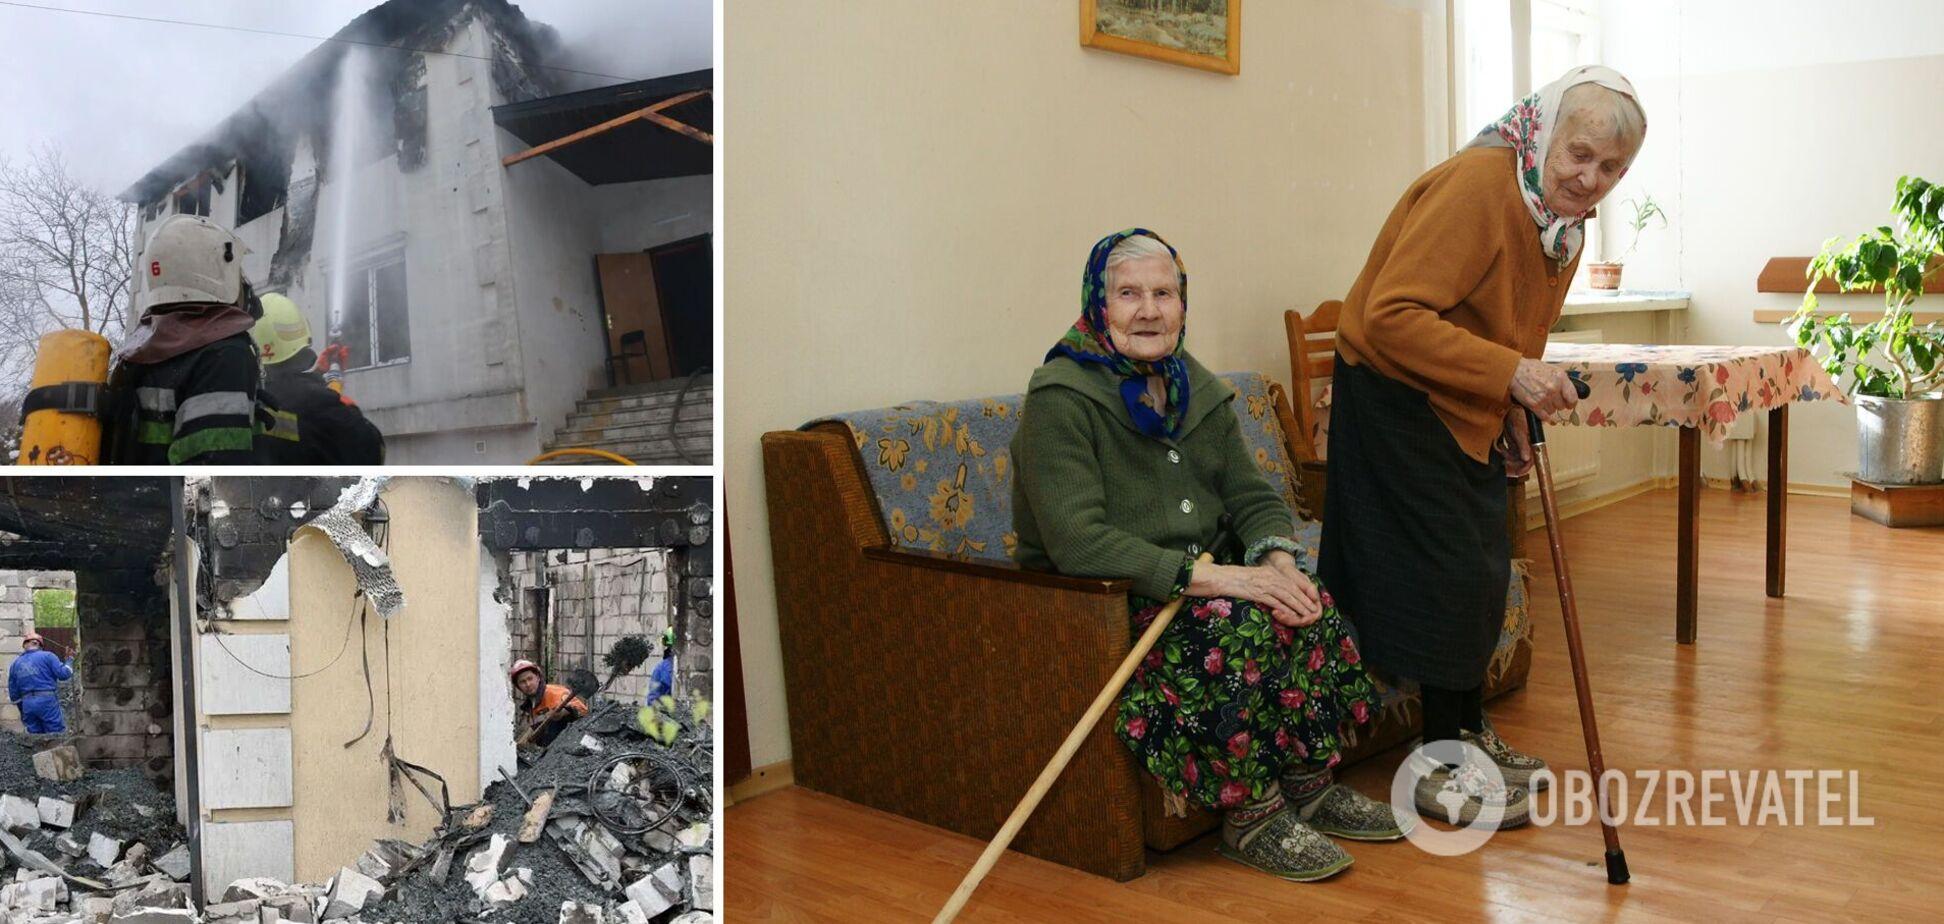 'Выпустите меня отсюда!' Что происходит в нелегальных домах престарелых и почему жалуются украинцы